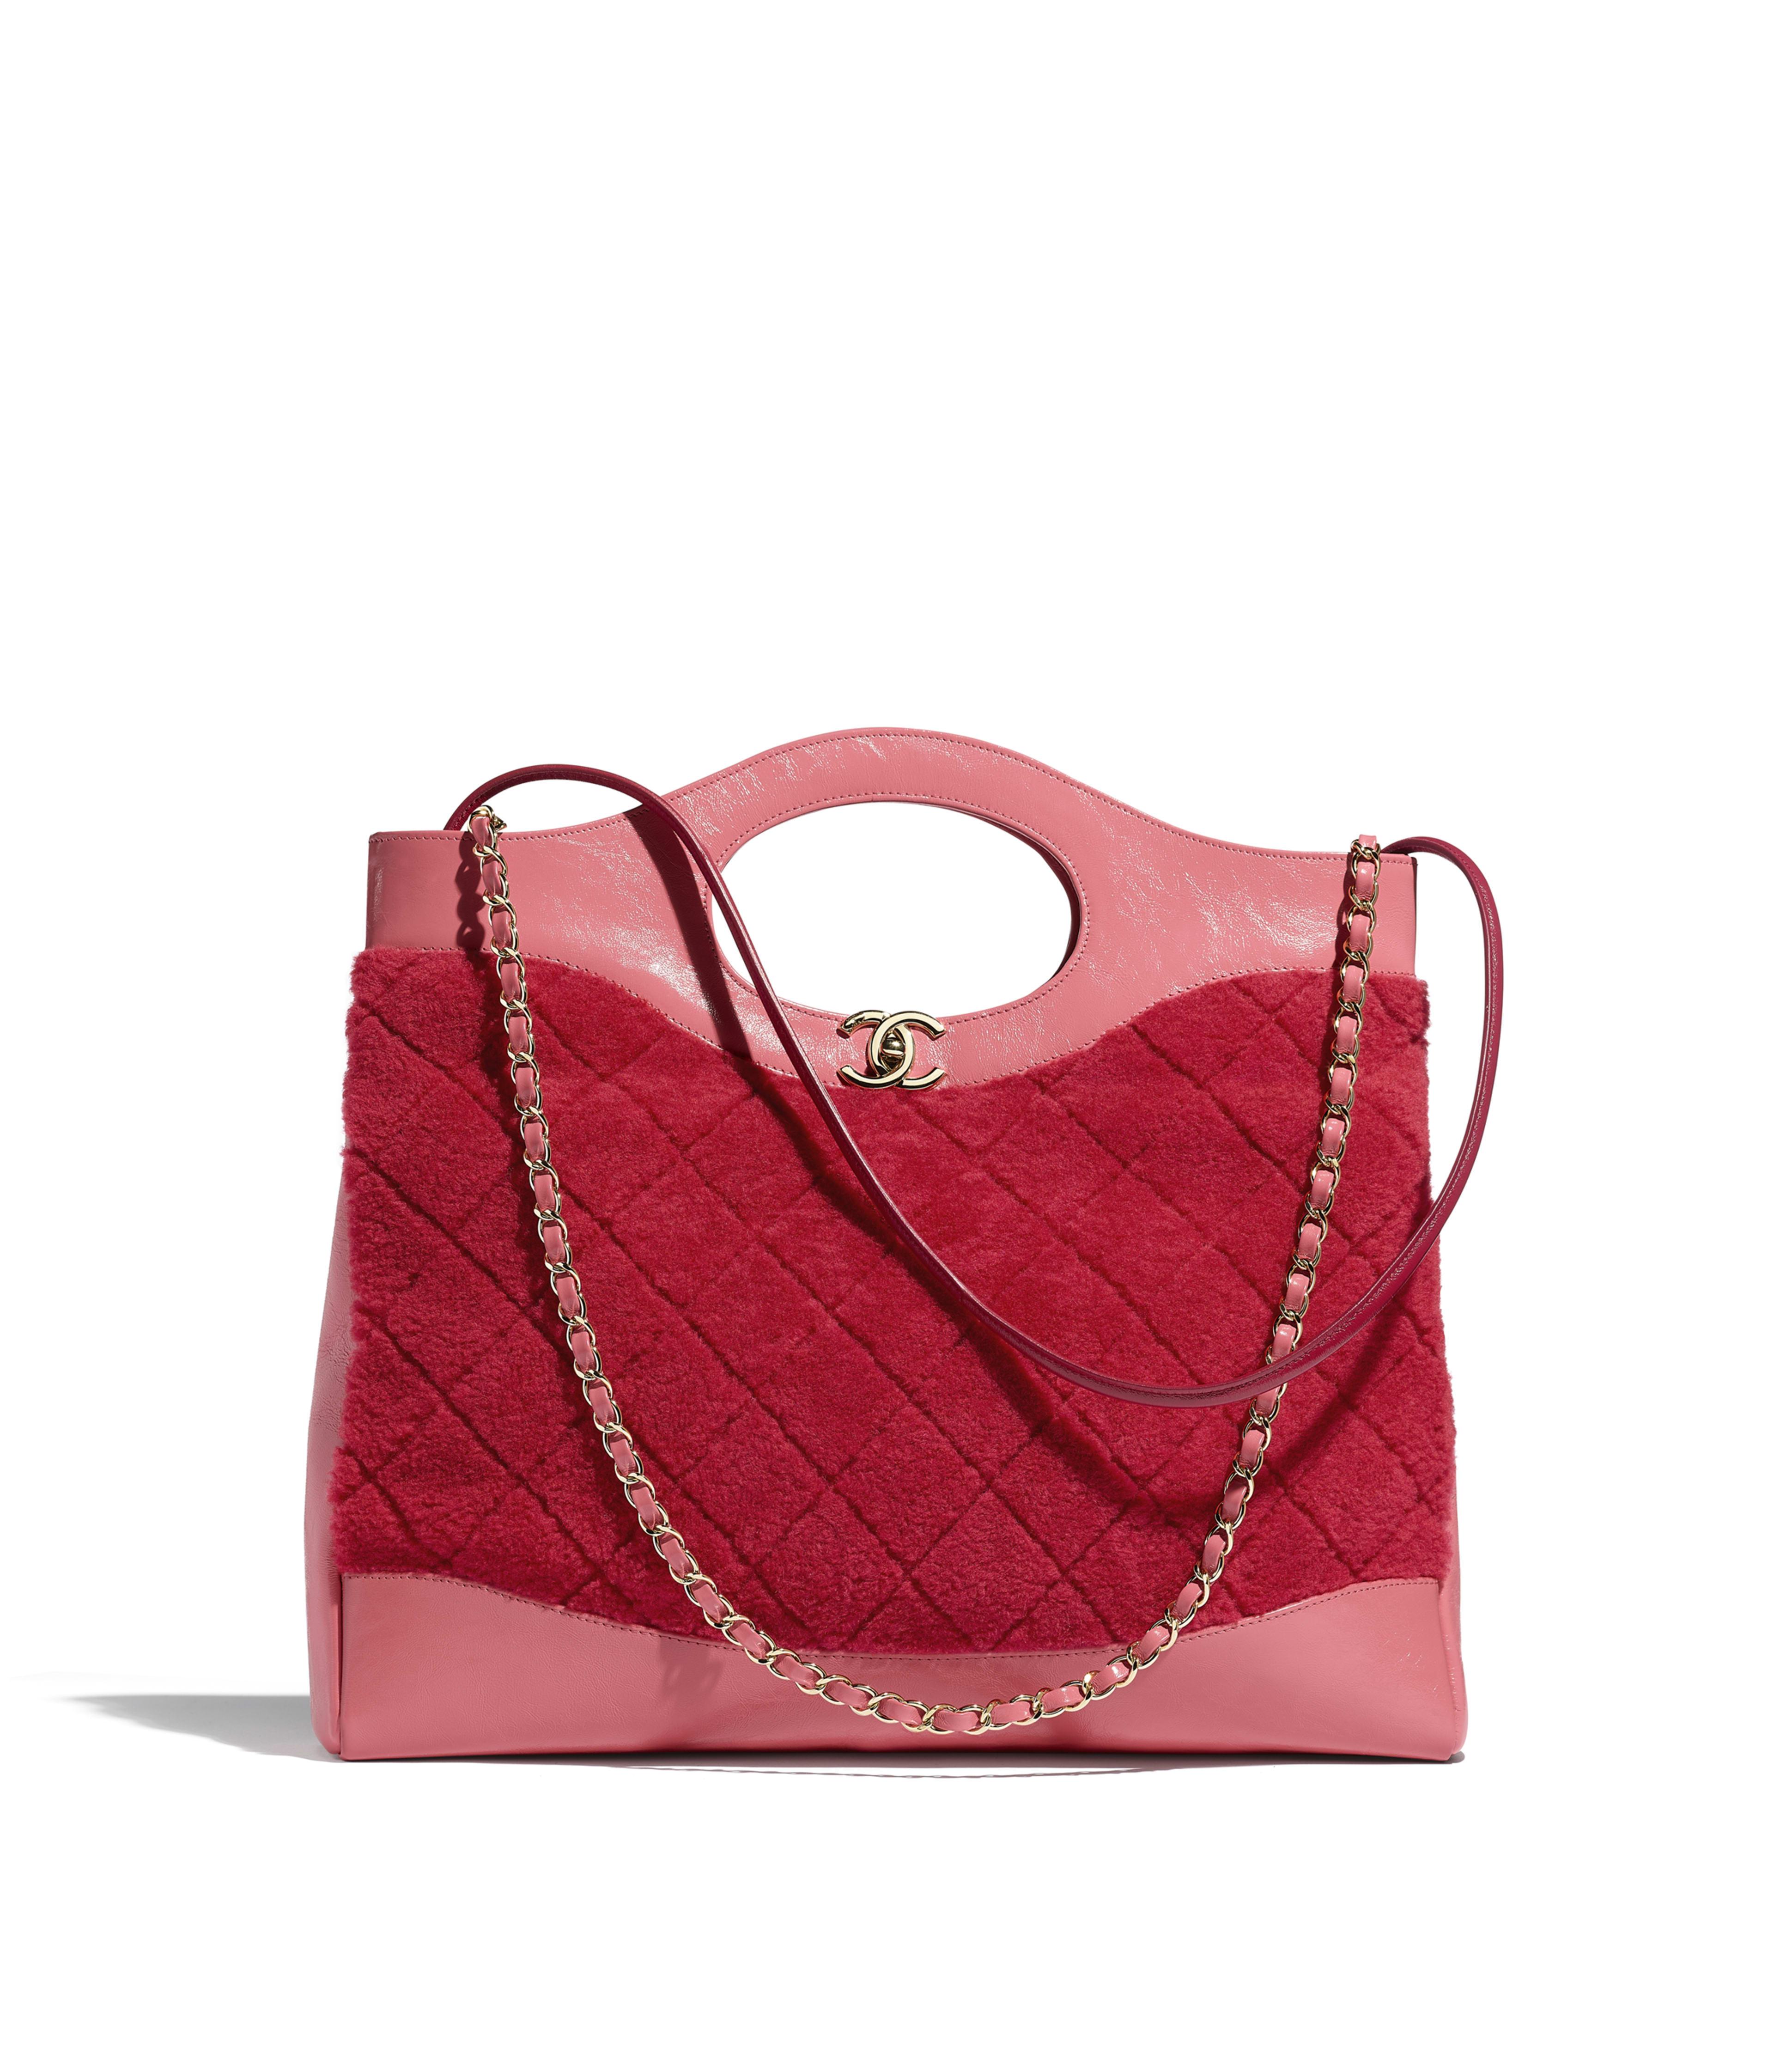 1358db59 Handbags - Fashion | CHANEL